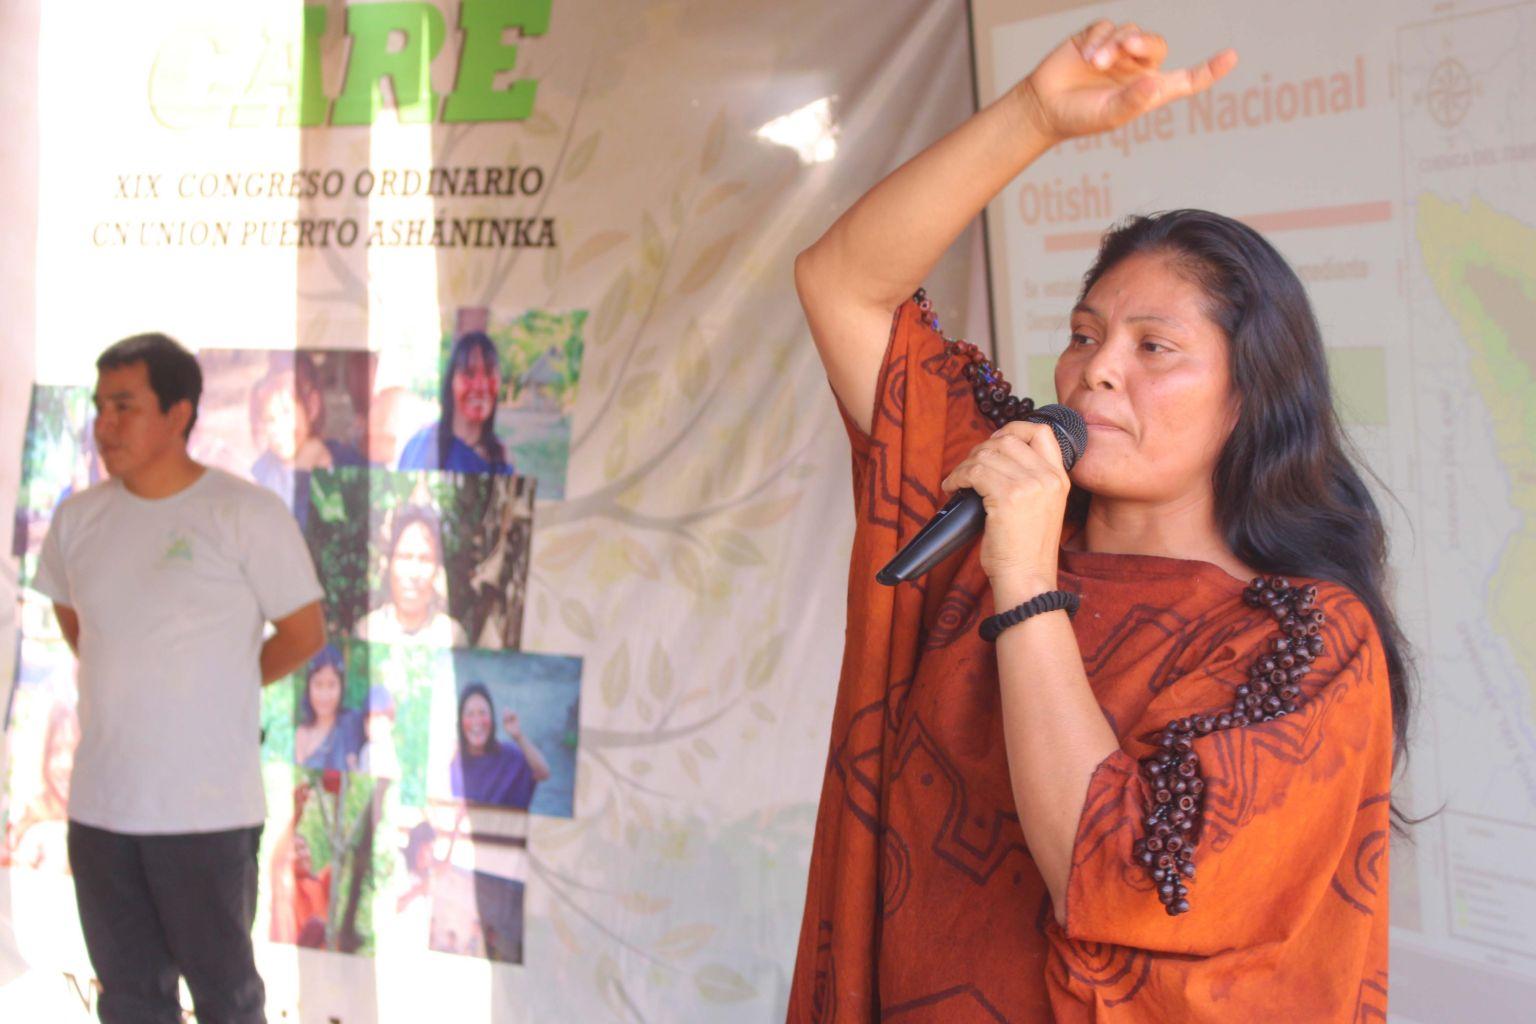 Soutenons le combat de Ruth pour les Indiens ashaninkas